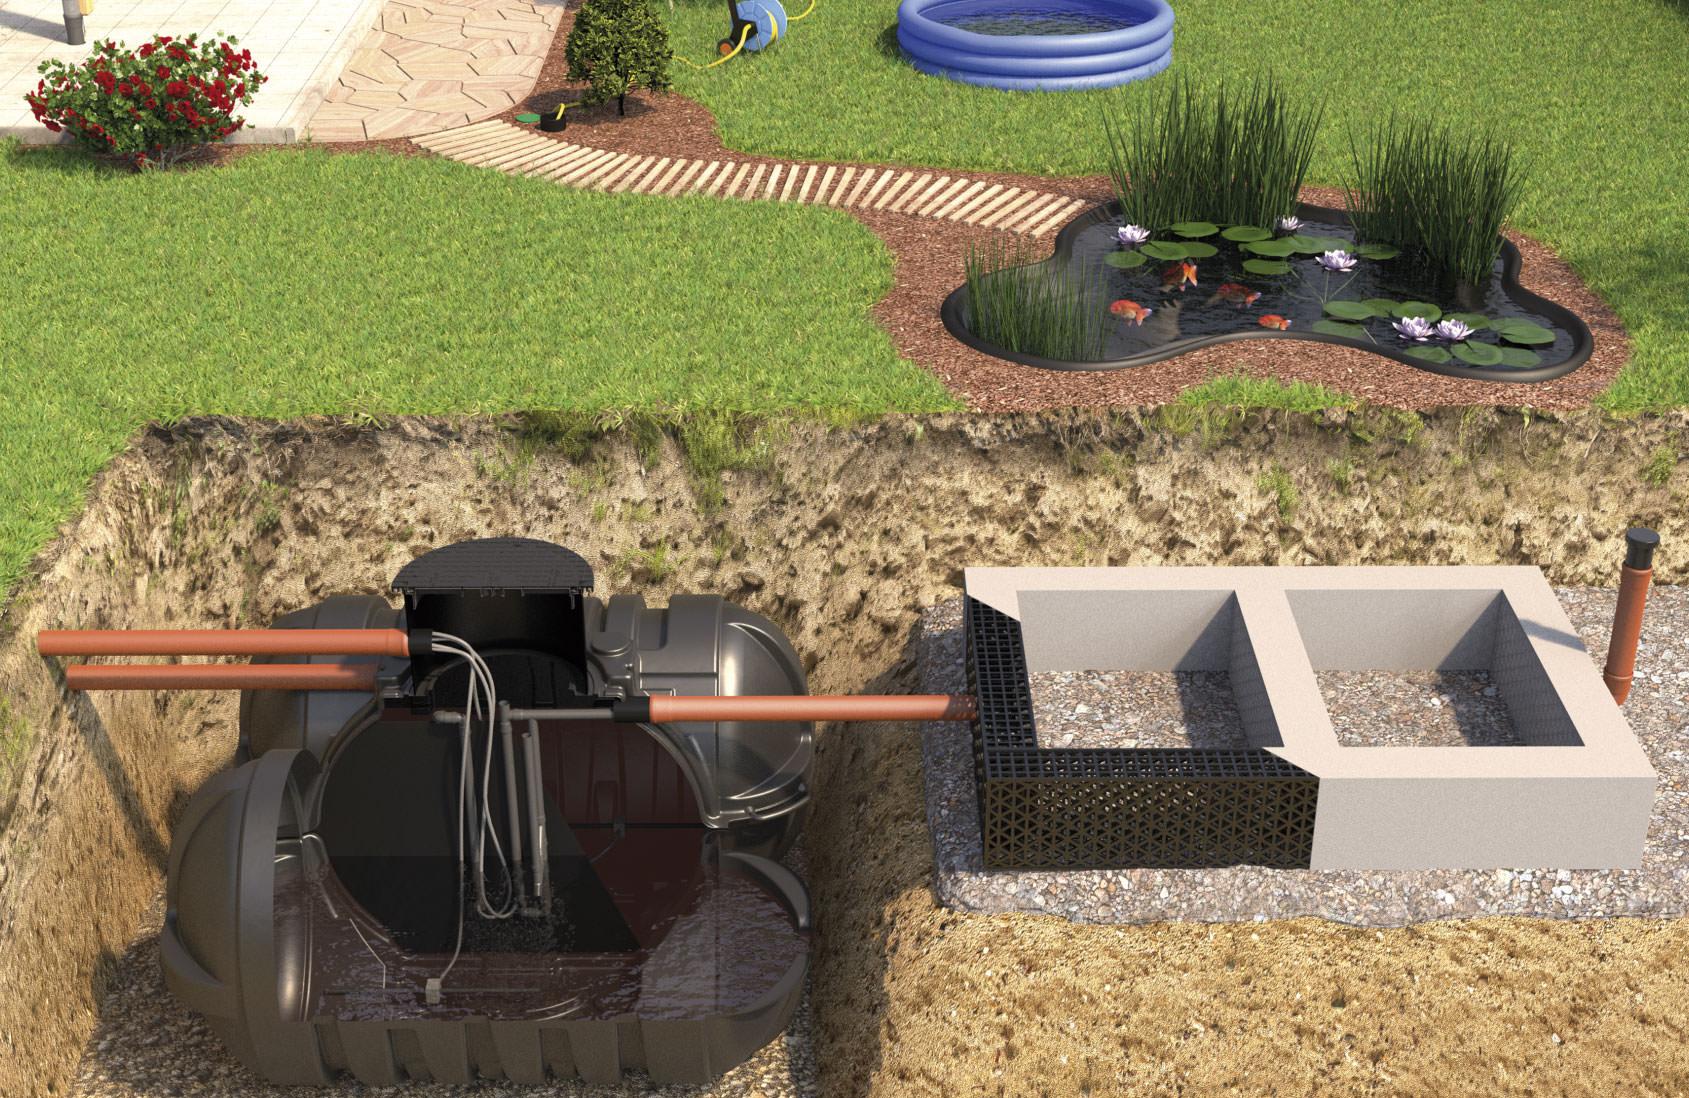 vollbiologische abwasserreinigung mit roth kleinkl ranlage microstar tb. Black Bedroom Furniture Sets. Home Design Ideas